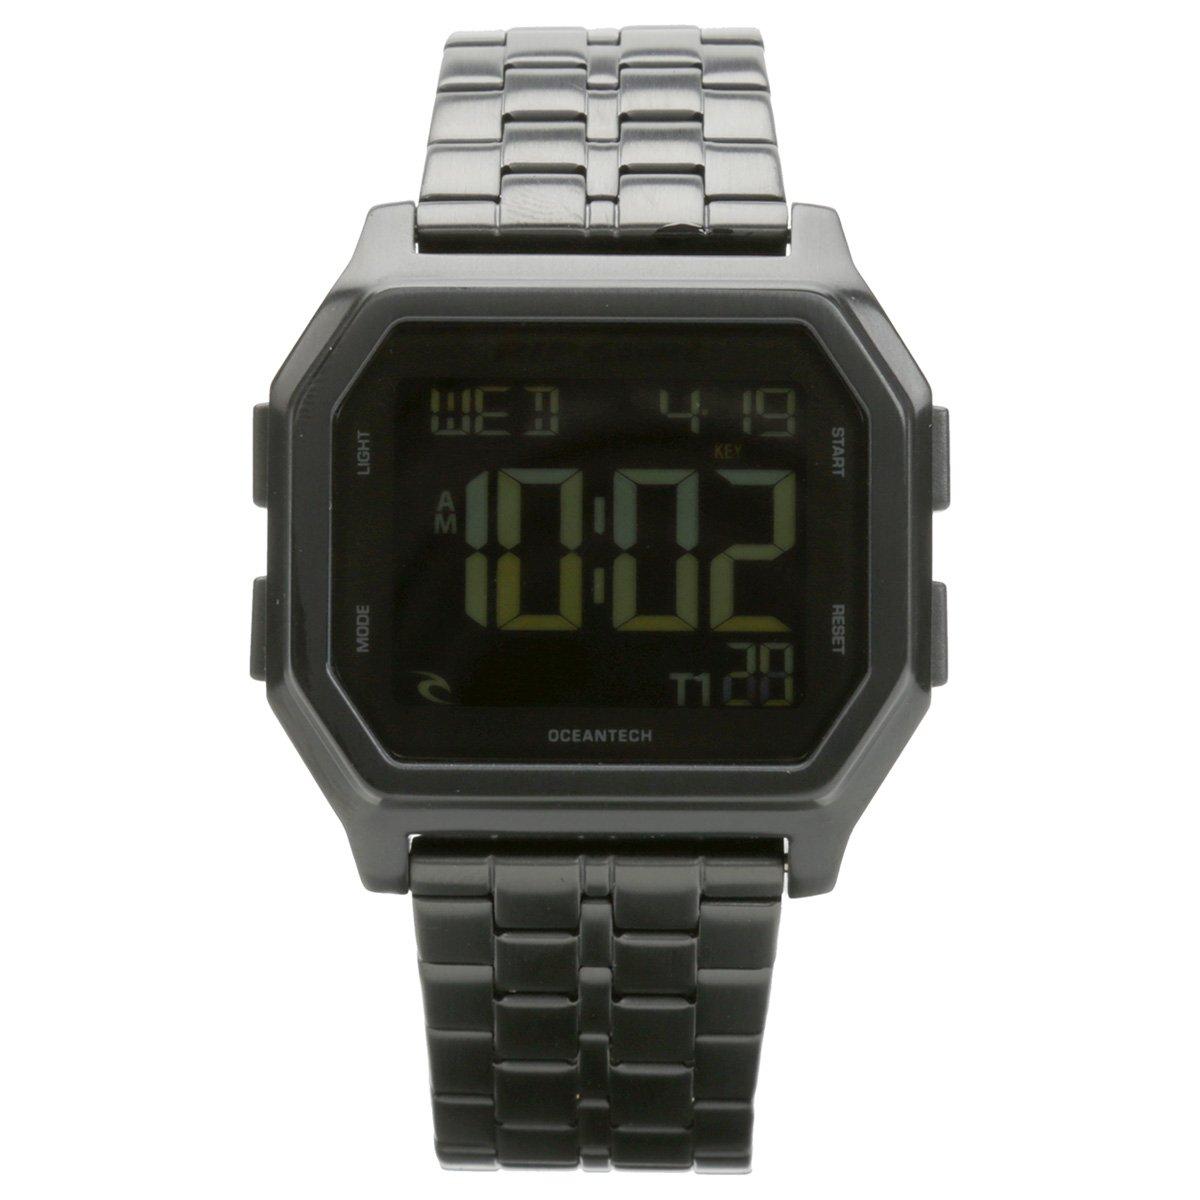 2d797826328 Relógio Rip Curl Atom Digital Midnight - Compre Agora